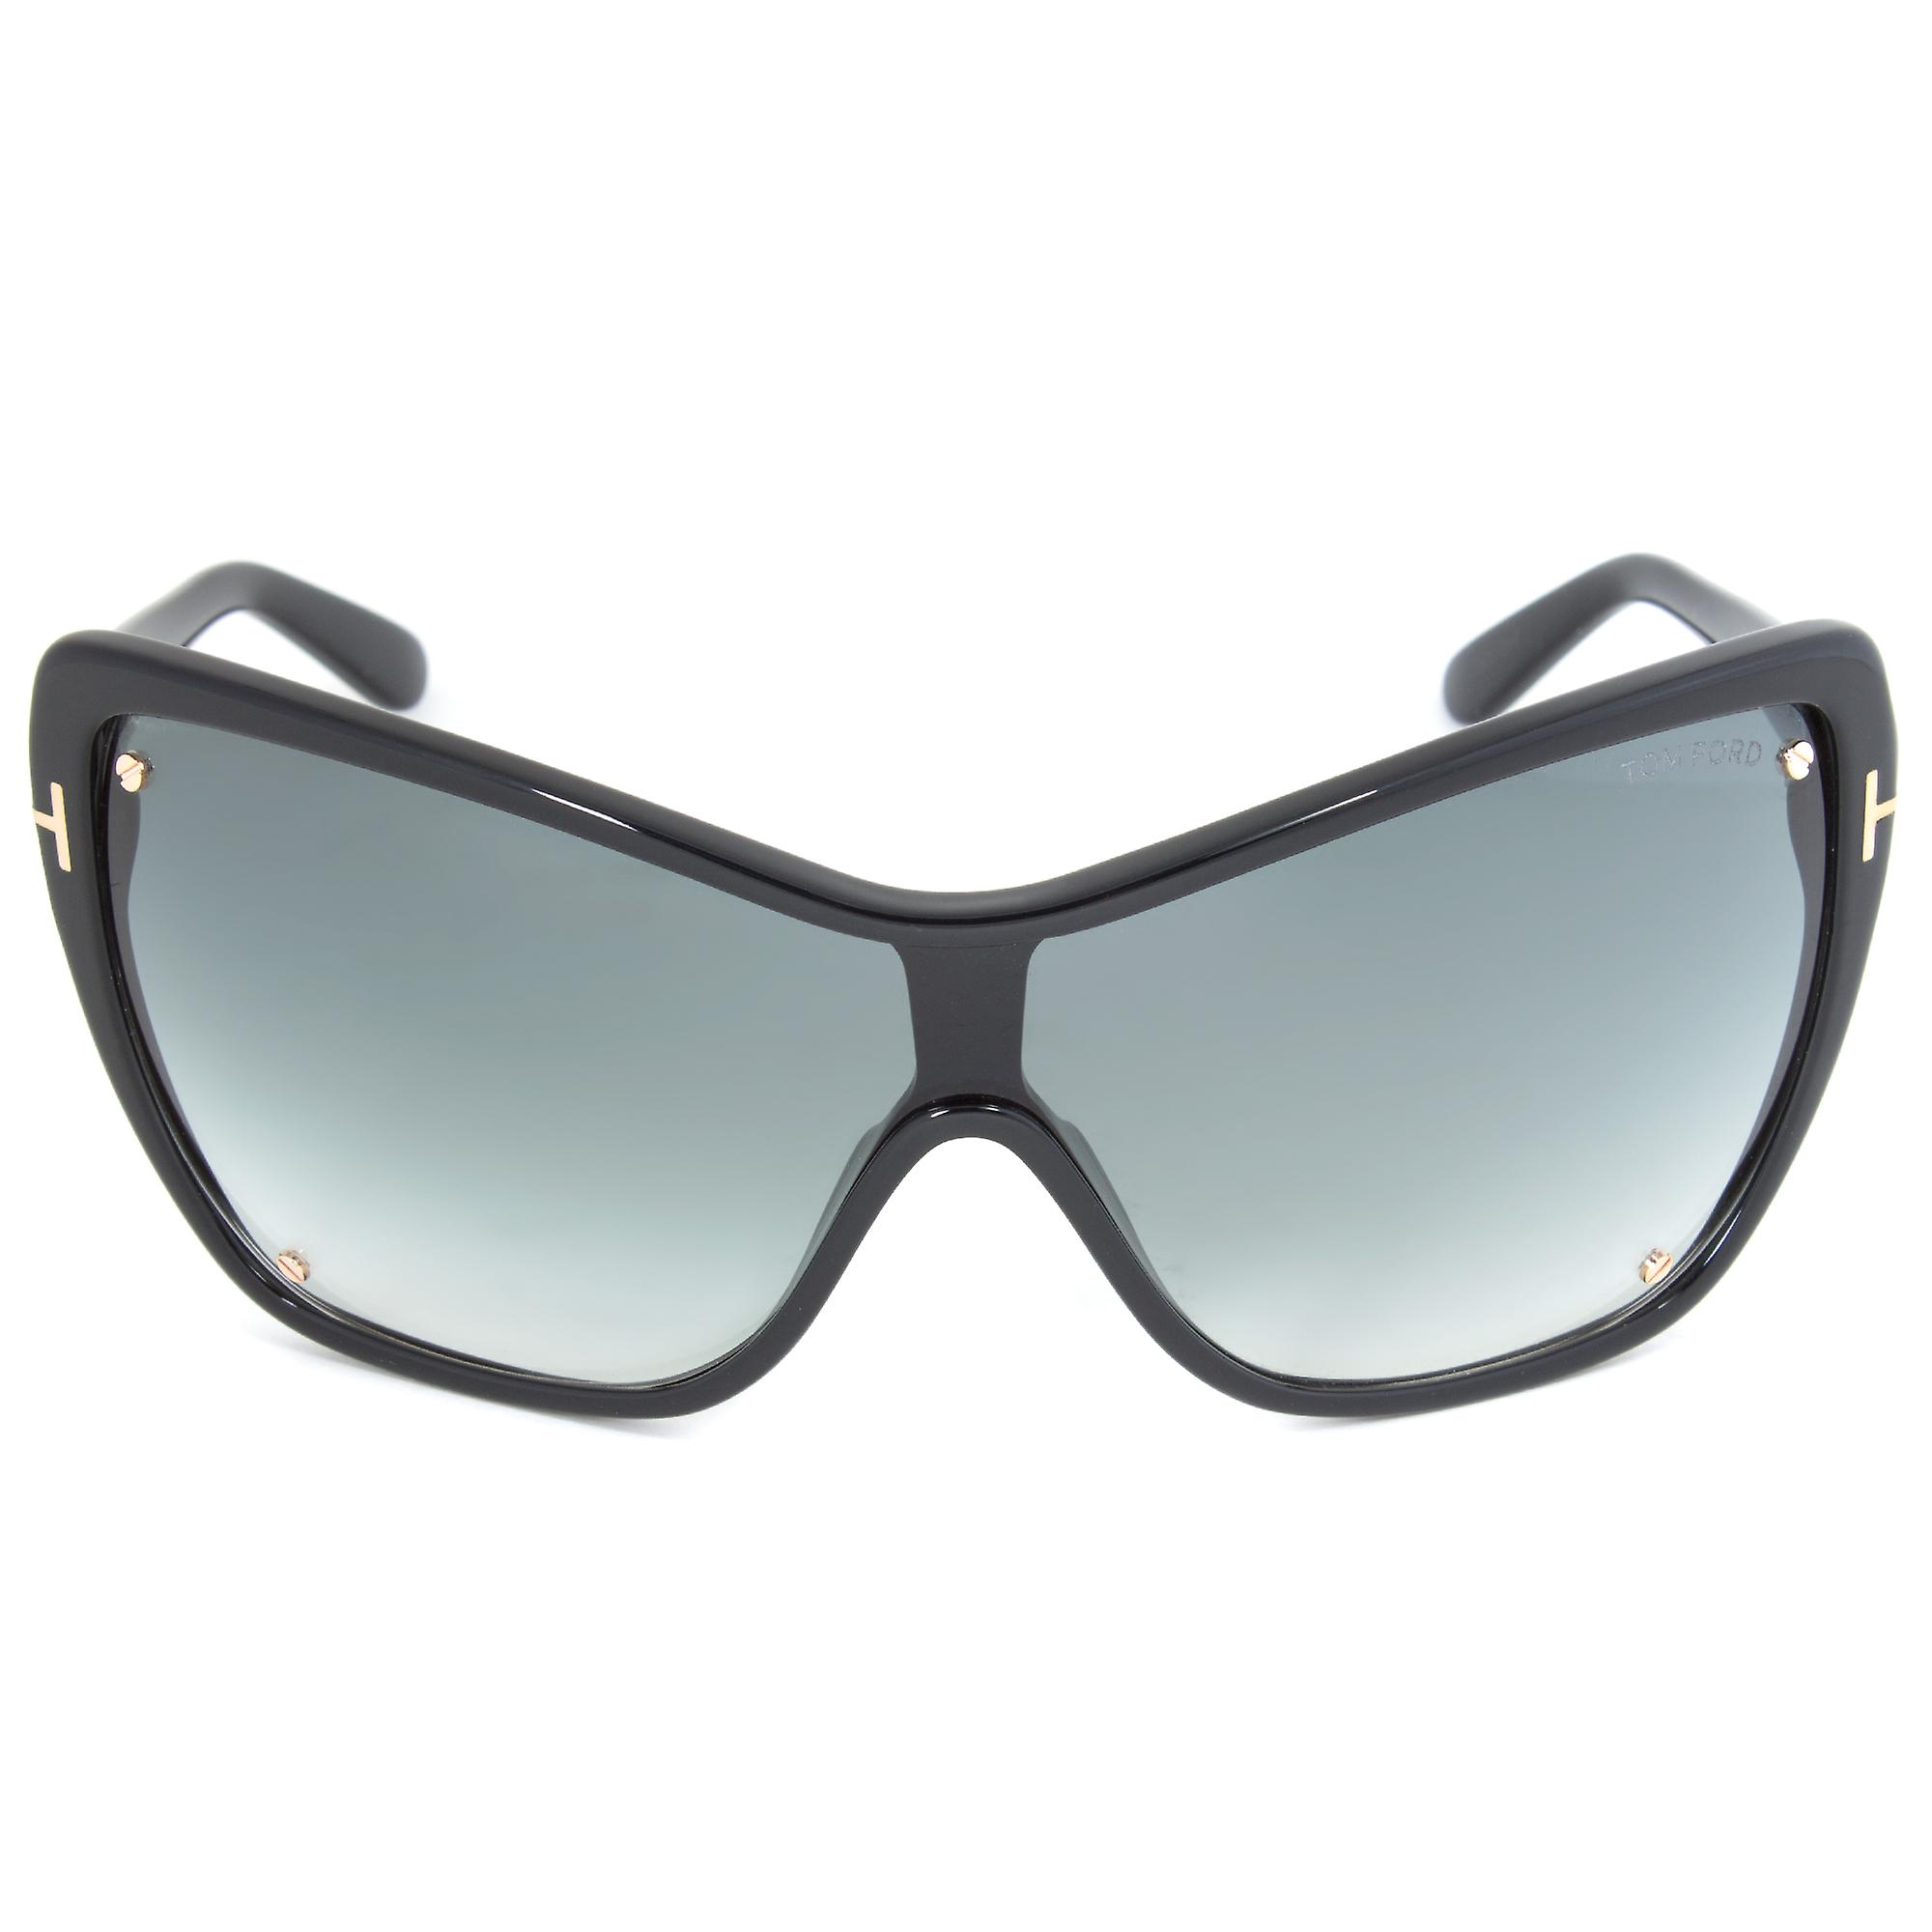 Tom Ford Ekaterina Sunglasses FT0363 01B | Black Frame | Grey Lens